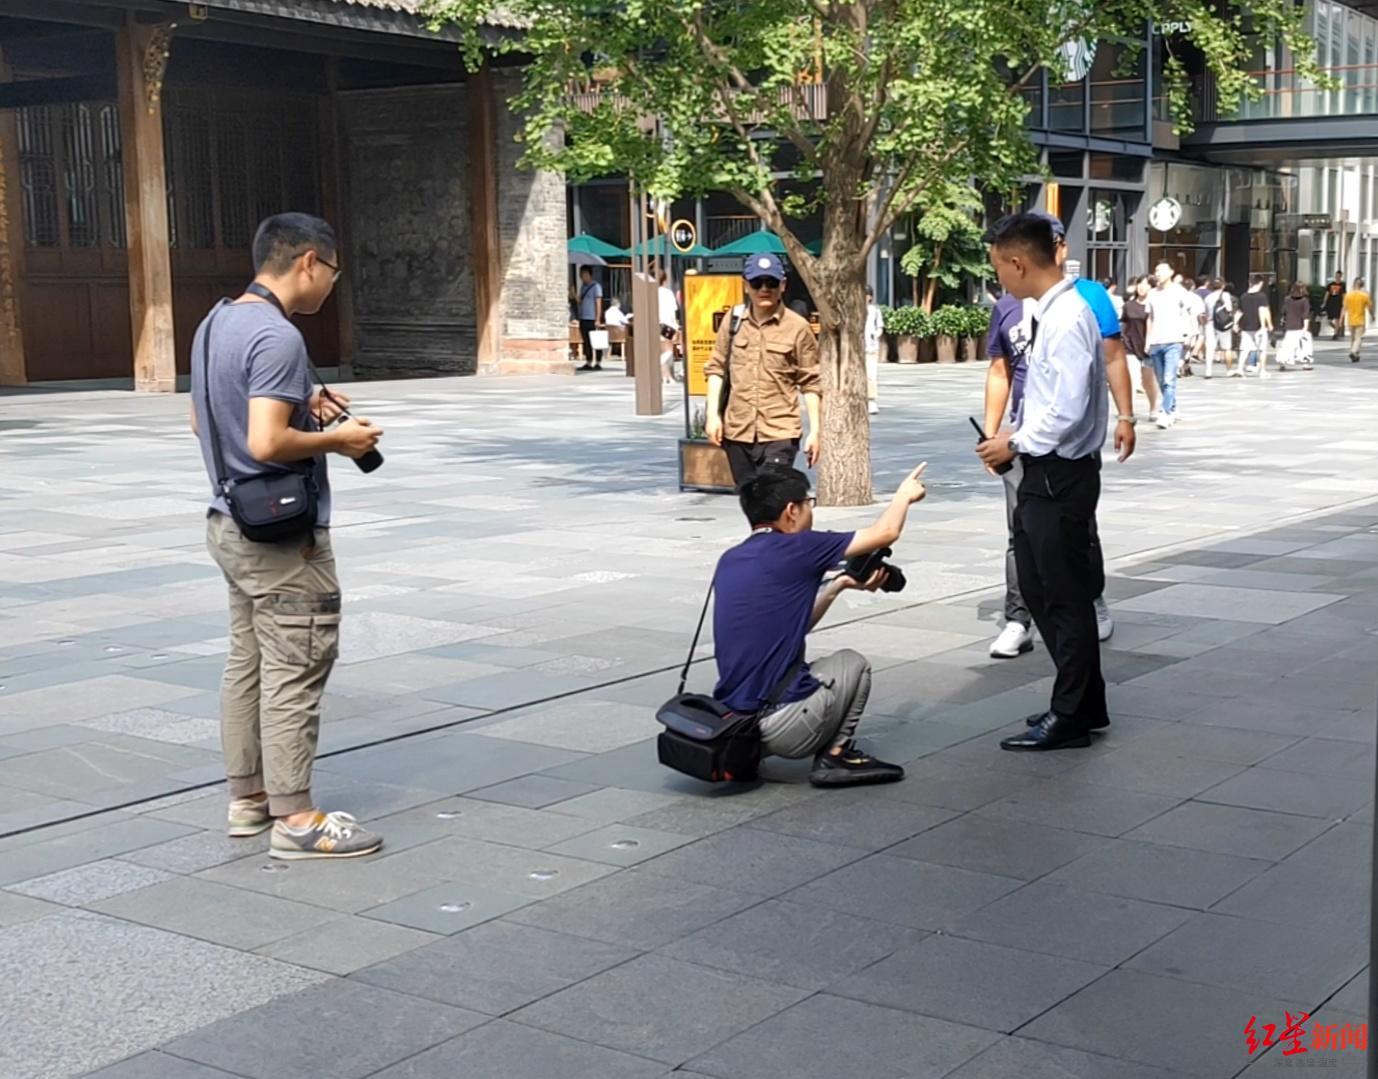 成都太古里禁止未经允许拍摄 部分拍客向隔街广场转移